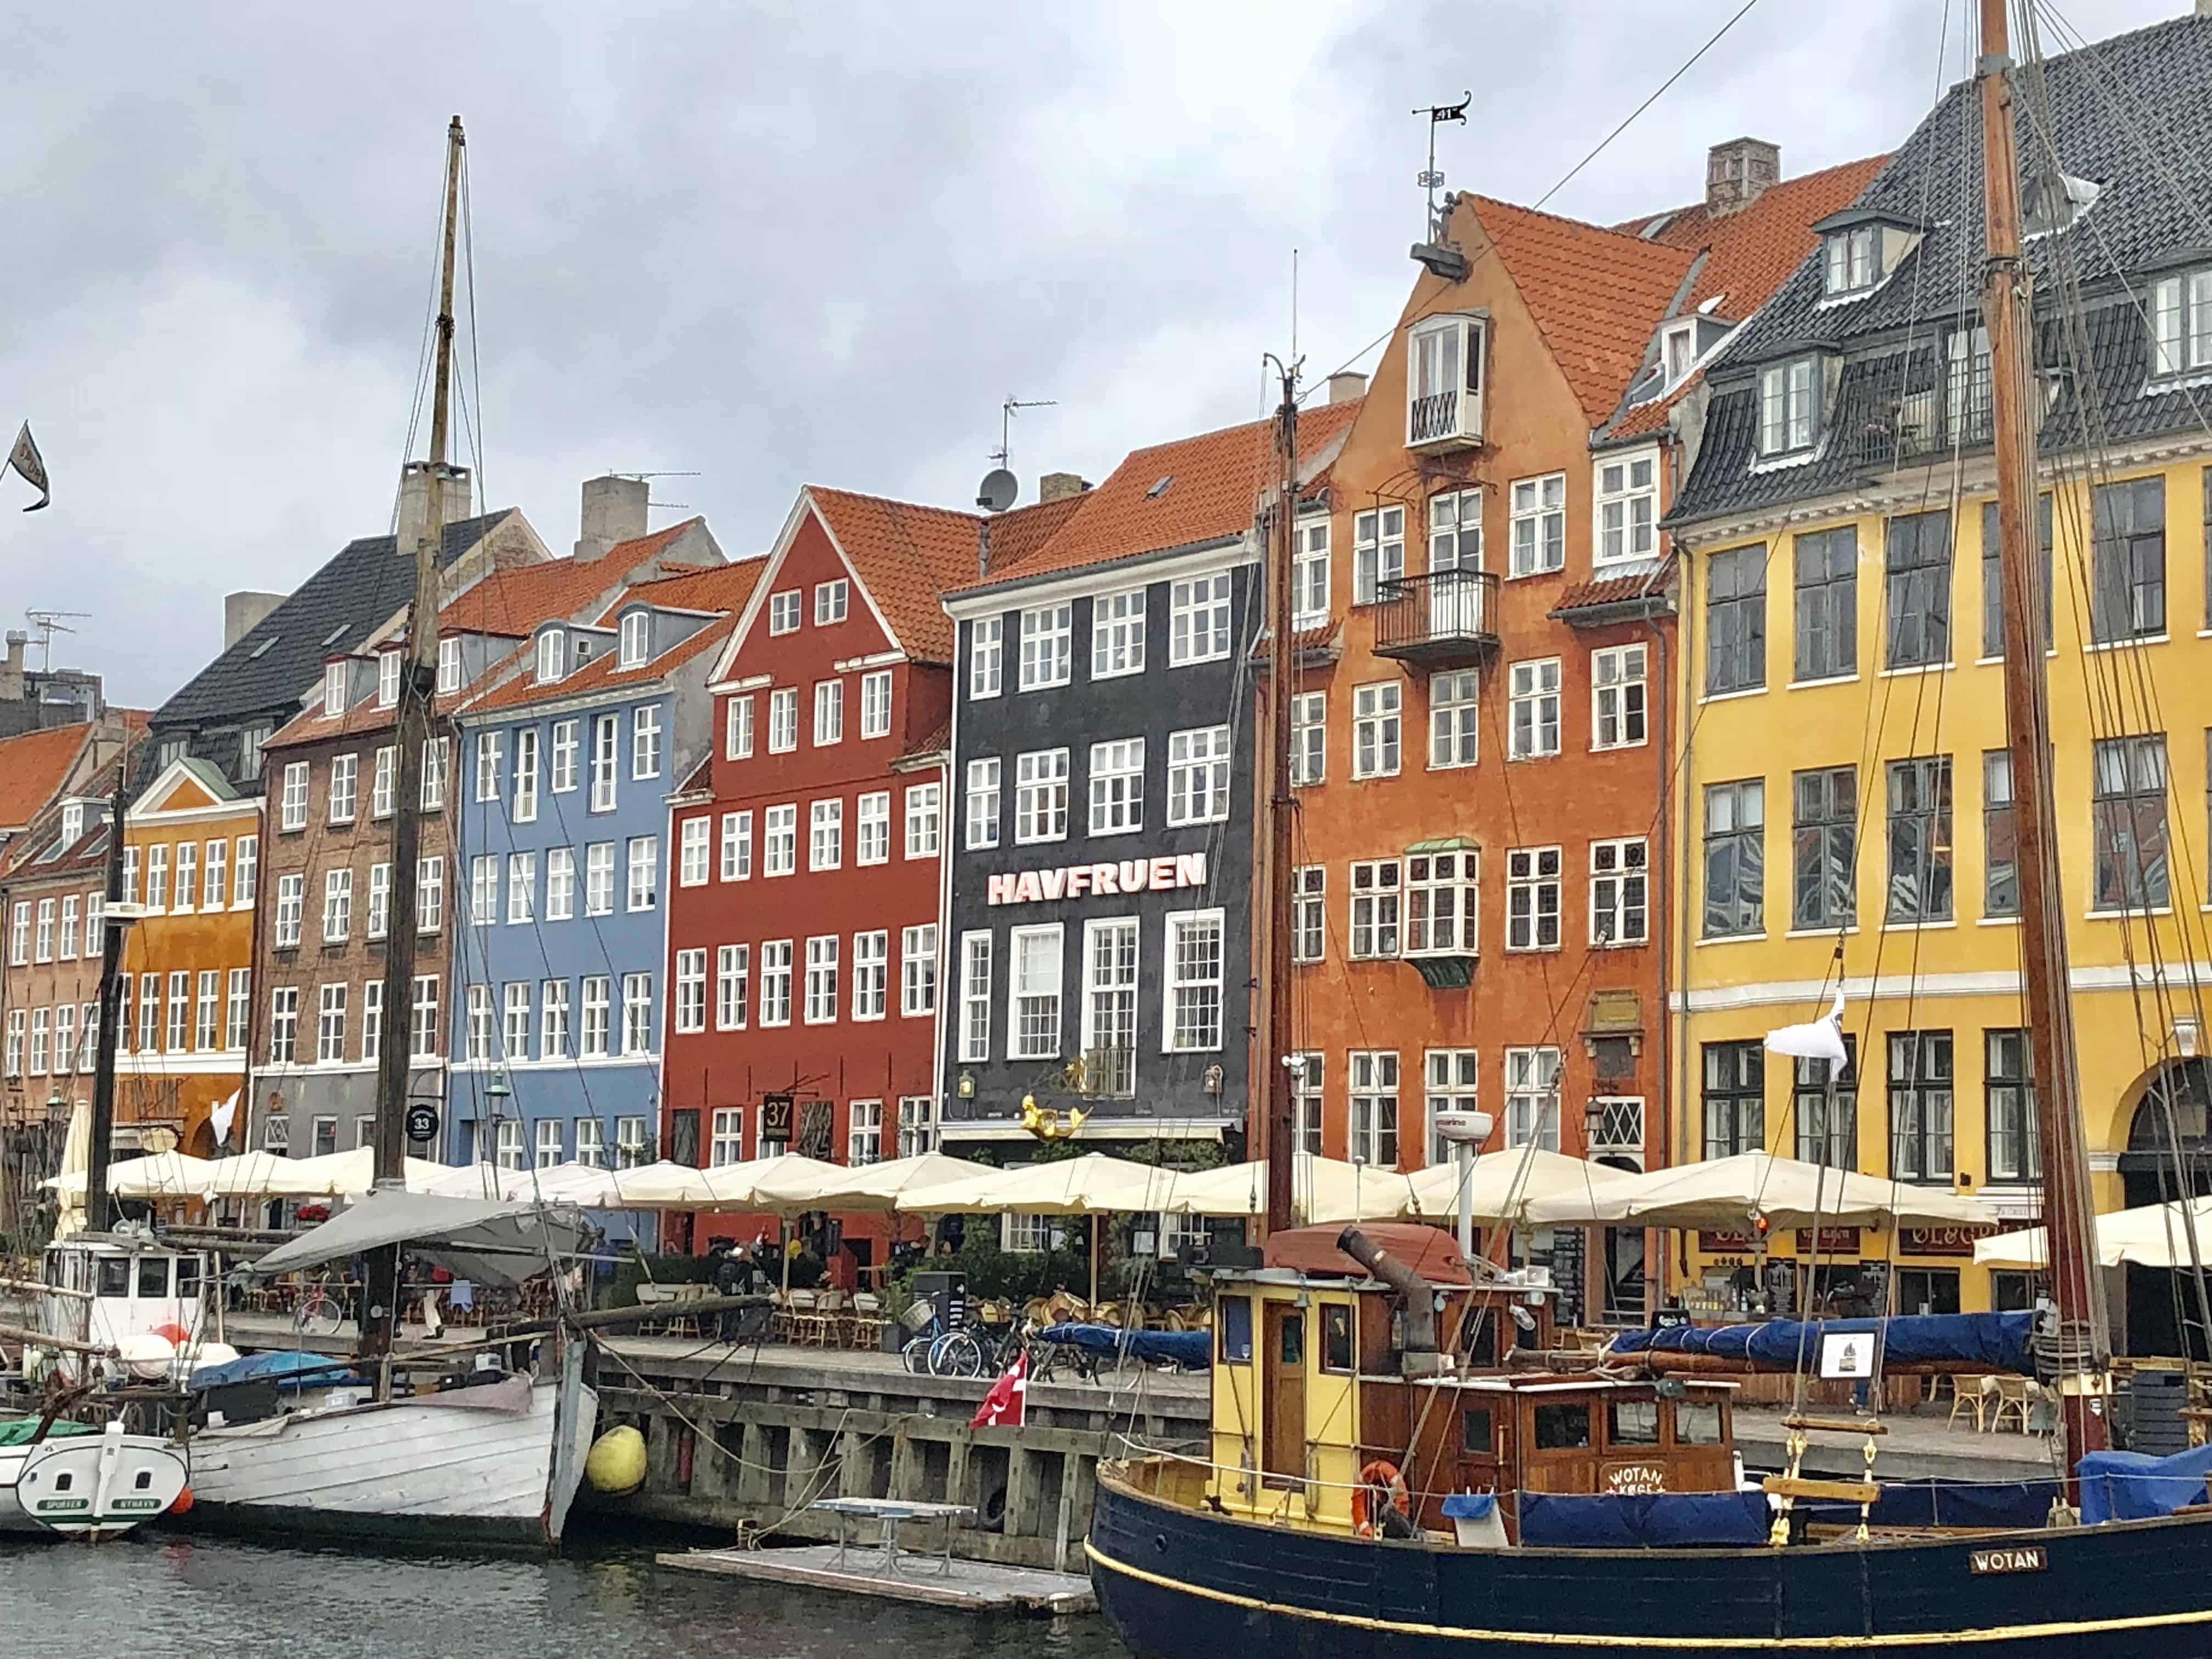 Nyhaven waterfront in Copenhagen